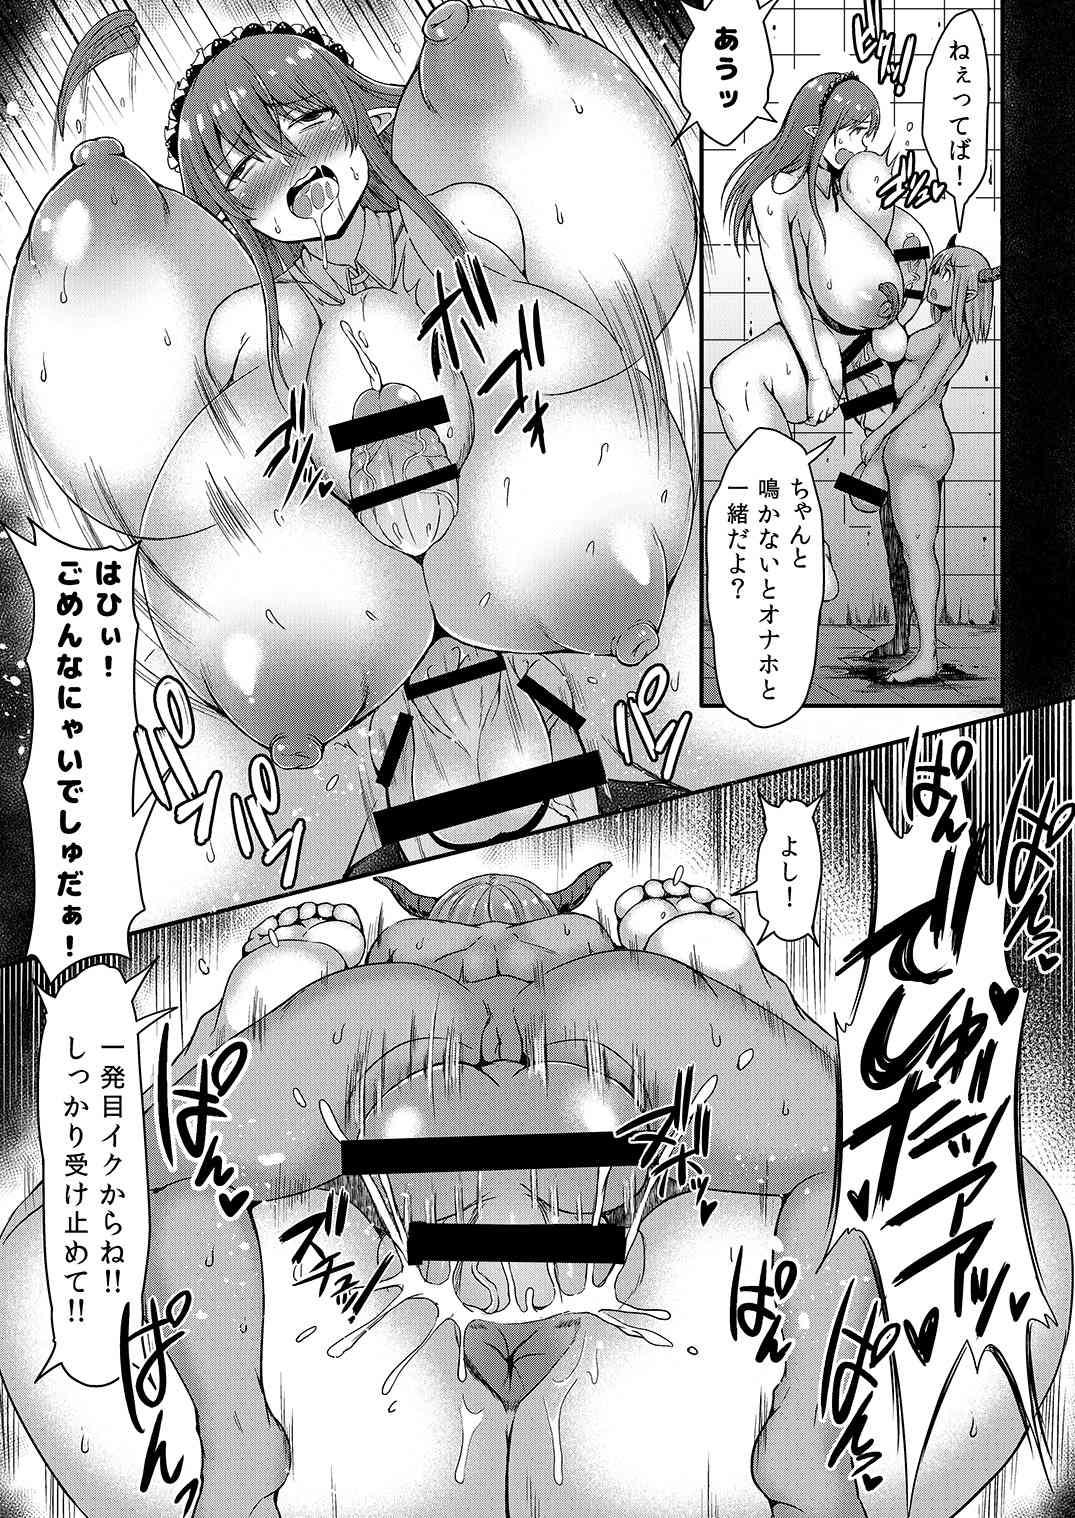 【エロ同人誌】エルフ族の巨乳ふたなりビッチが風俗嬢に!風呂桶いっぱいに精液貯めたり極太巨根の相手をするwww【オリジナル/C91】